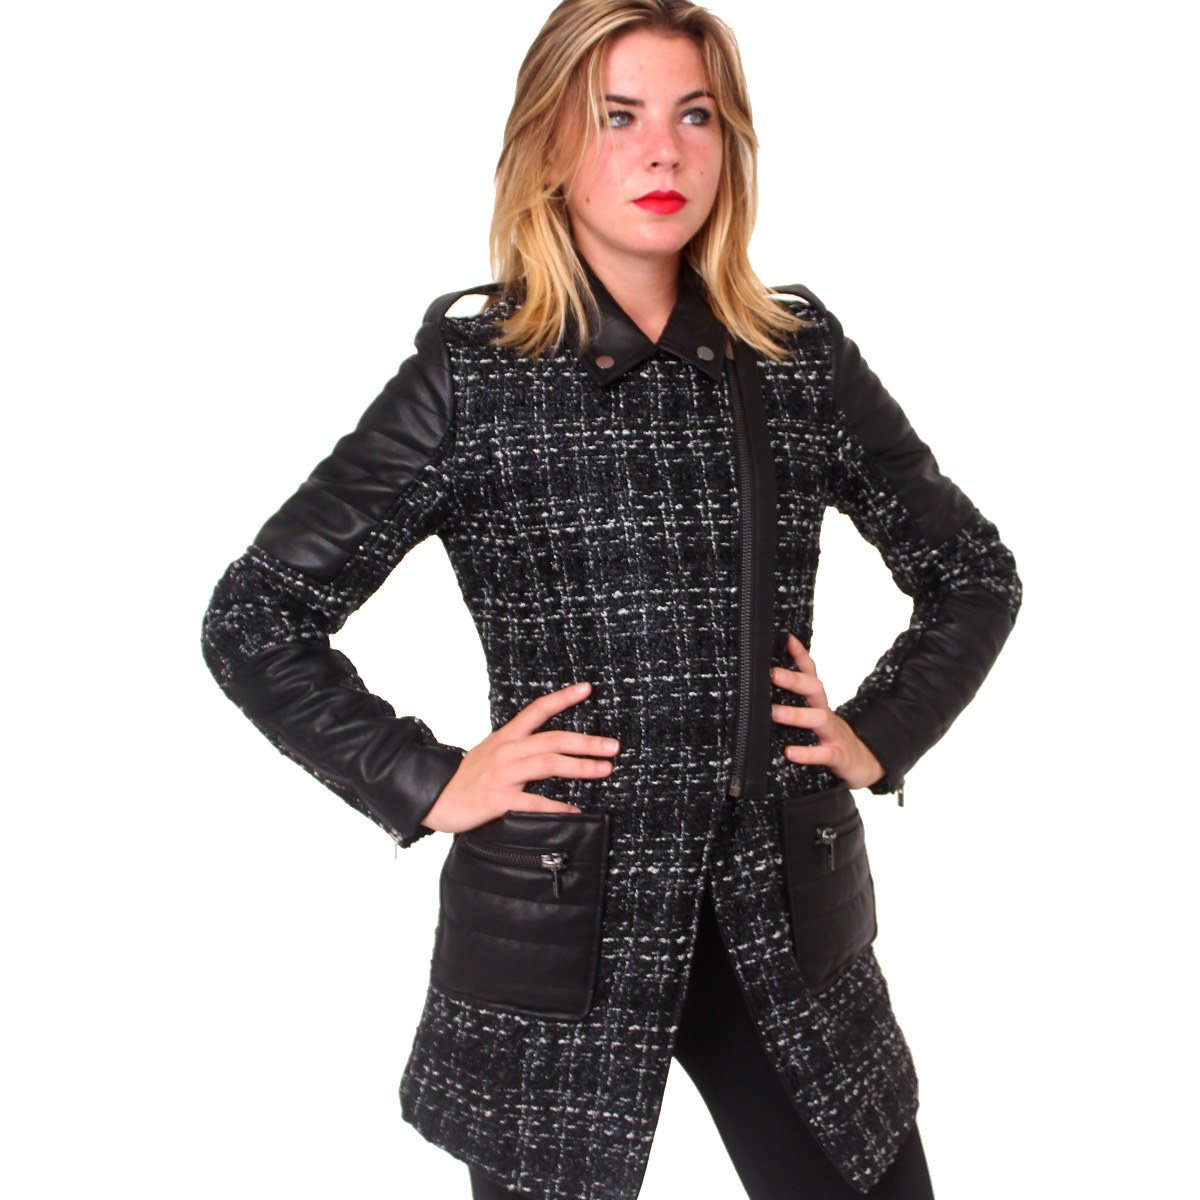 Cappotto nero con inserti in ecopelle FRACOMINA abbigliamento firmato donna  accessori firmati emilia romagna ingrosso vendita ... 26f2f7fa1cd